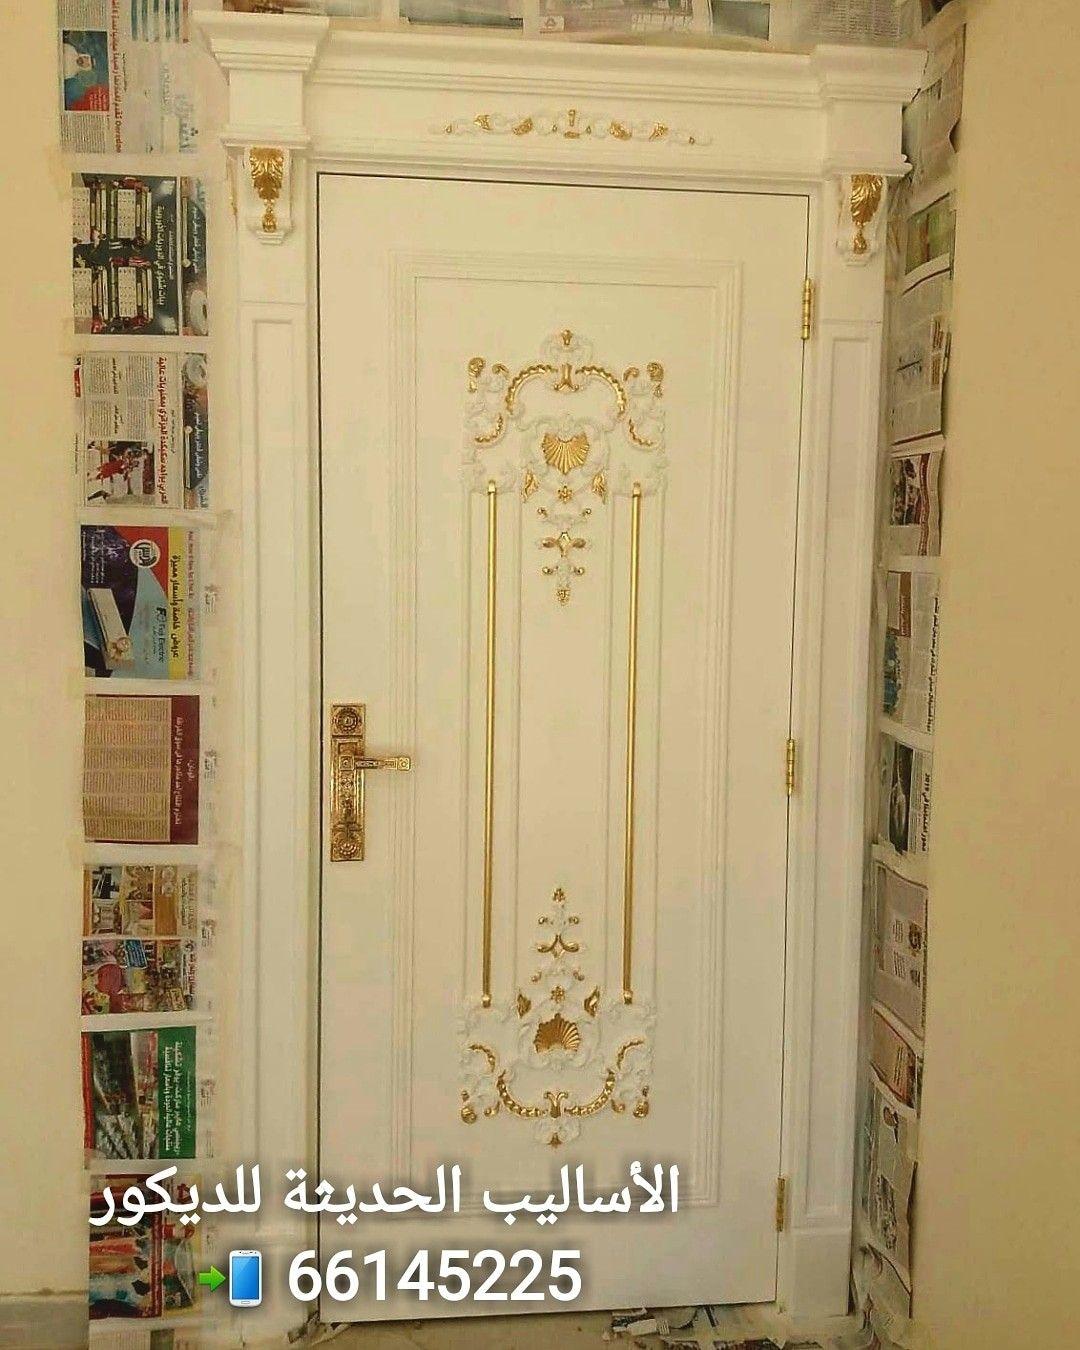 الاساليب الحديثة للديكور و الزجاج المعشق 66145225 Elegant Bedroom Room Decor Decor